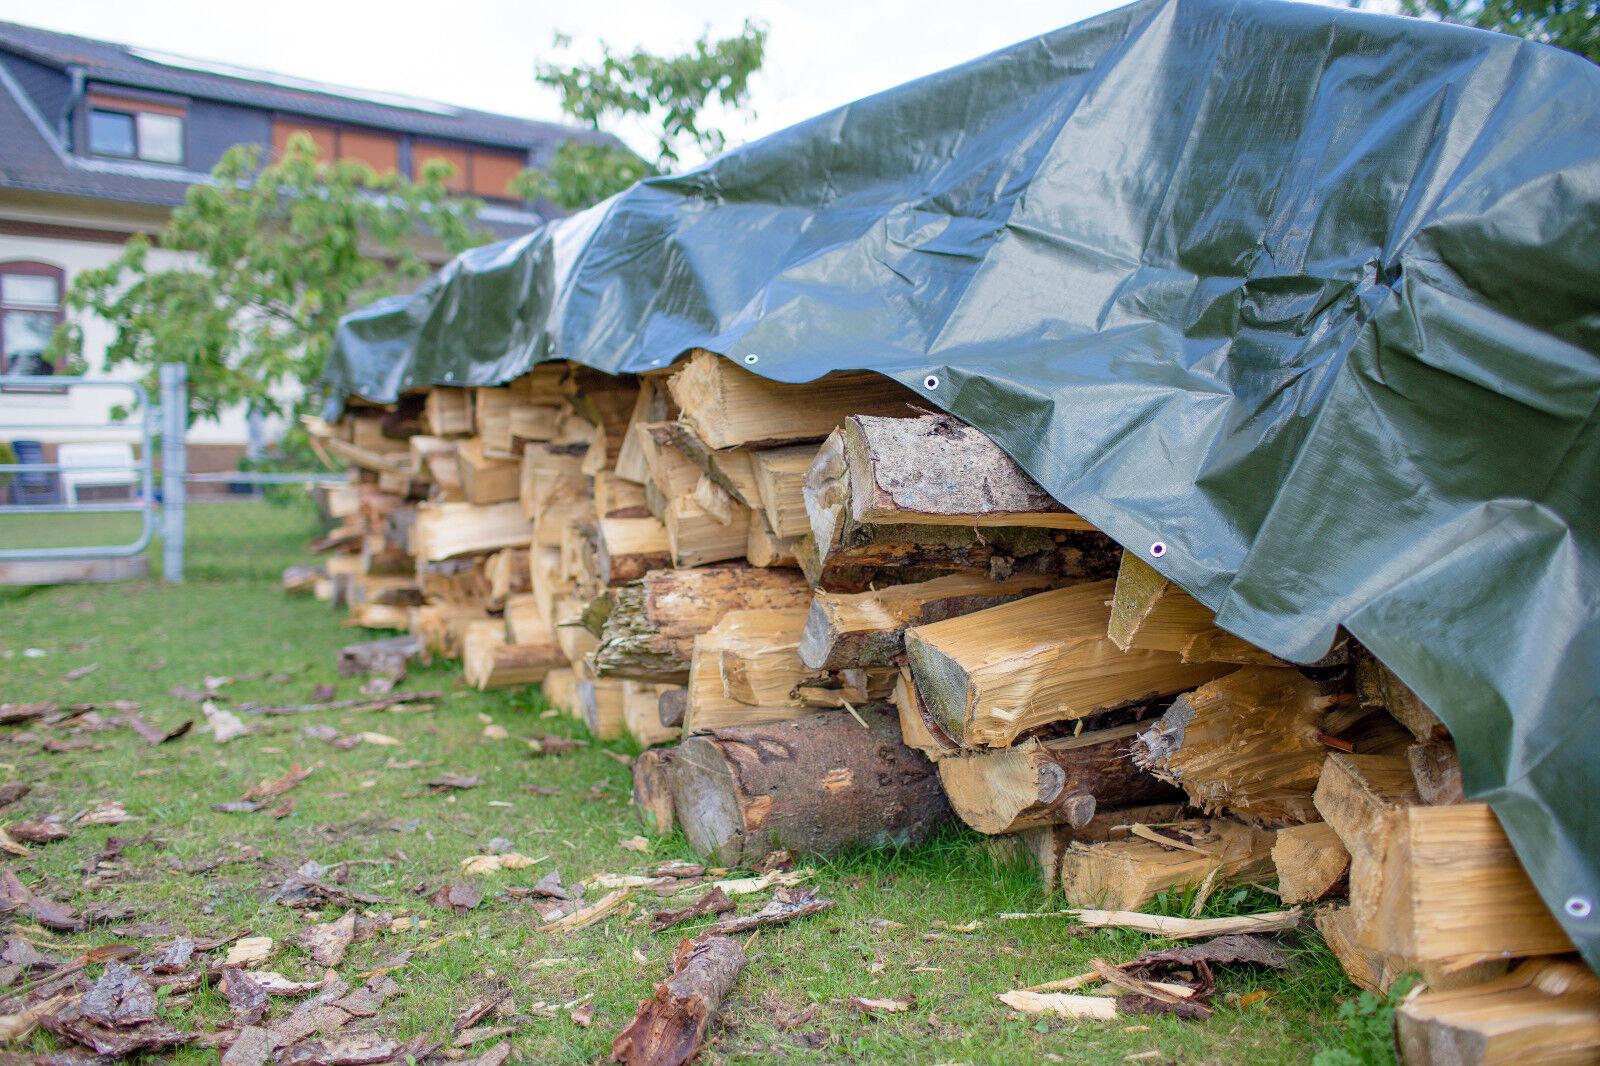 Abdeckplane Gewebeplane Industrieplane Schutzplane Bau Holz Garten Plane Ösen